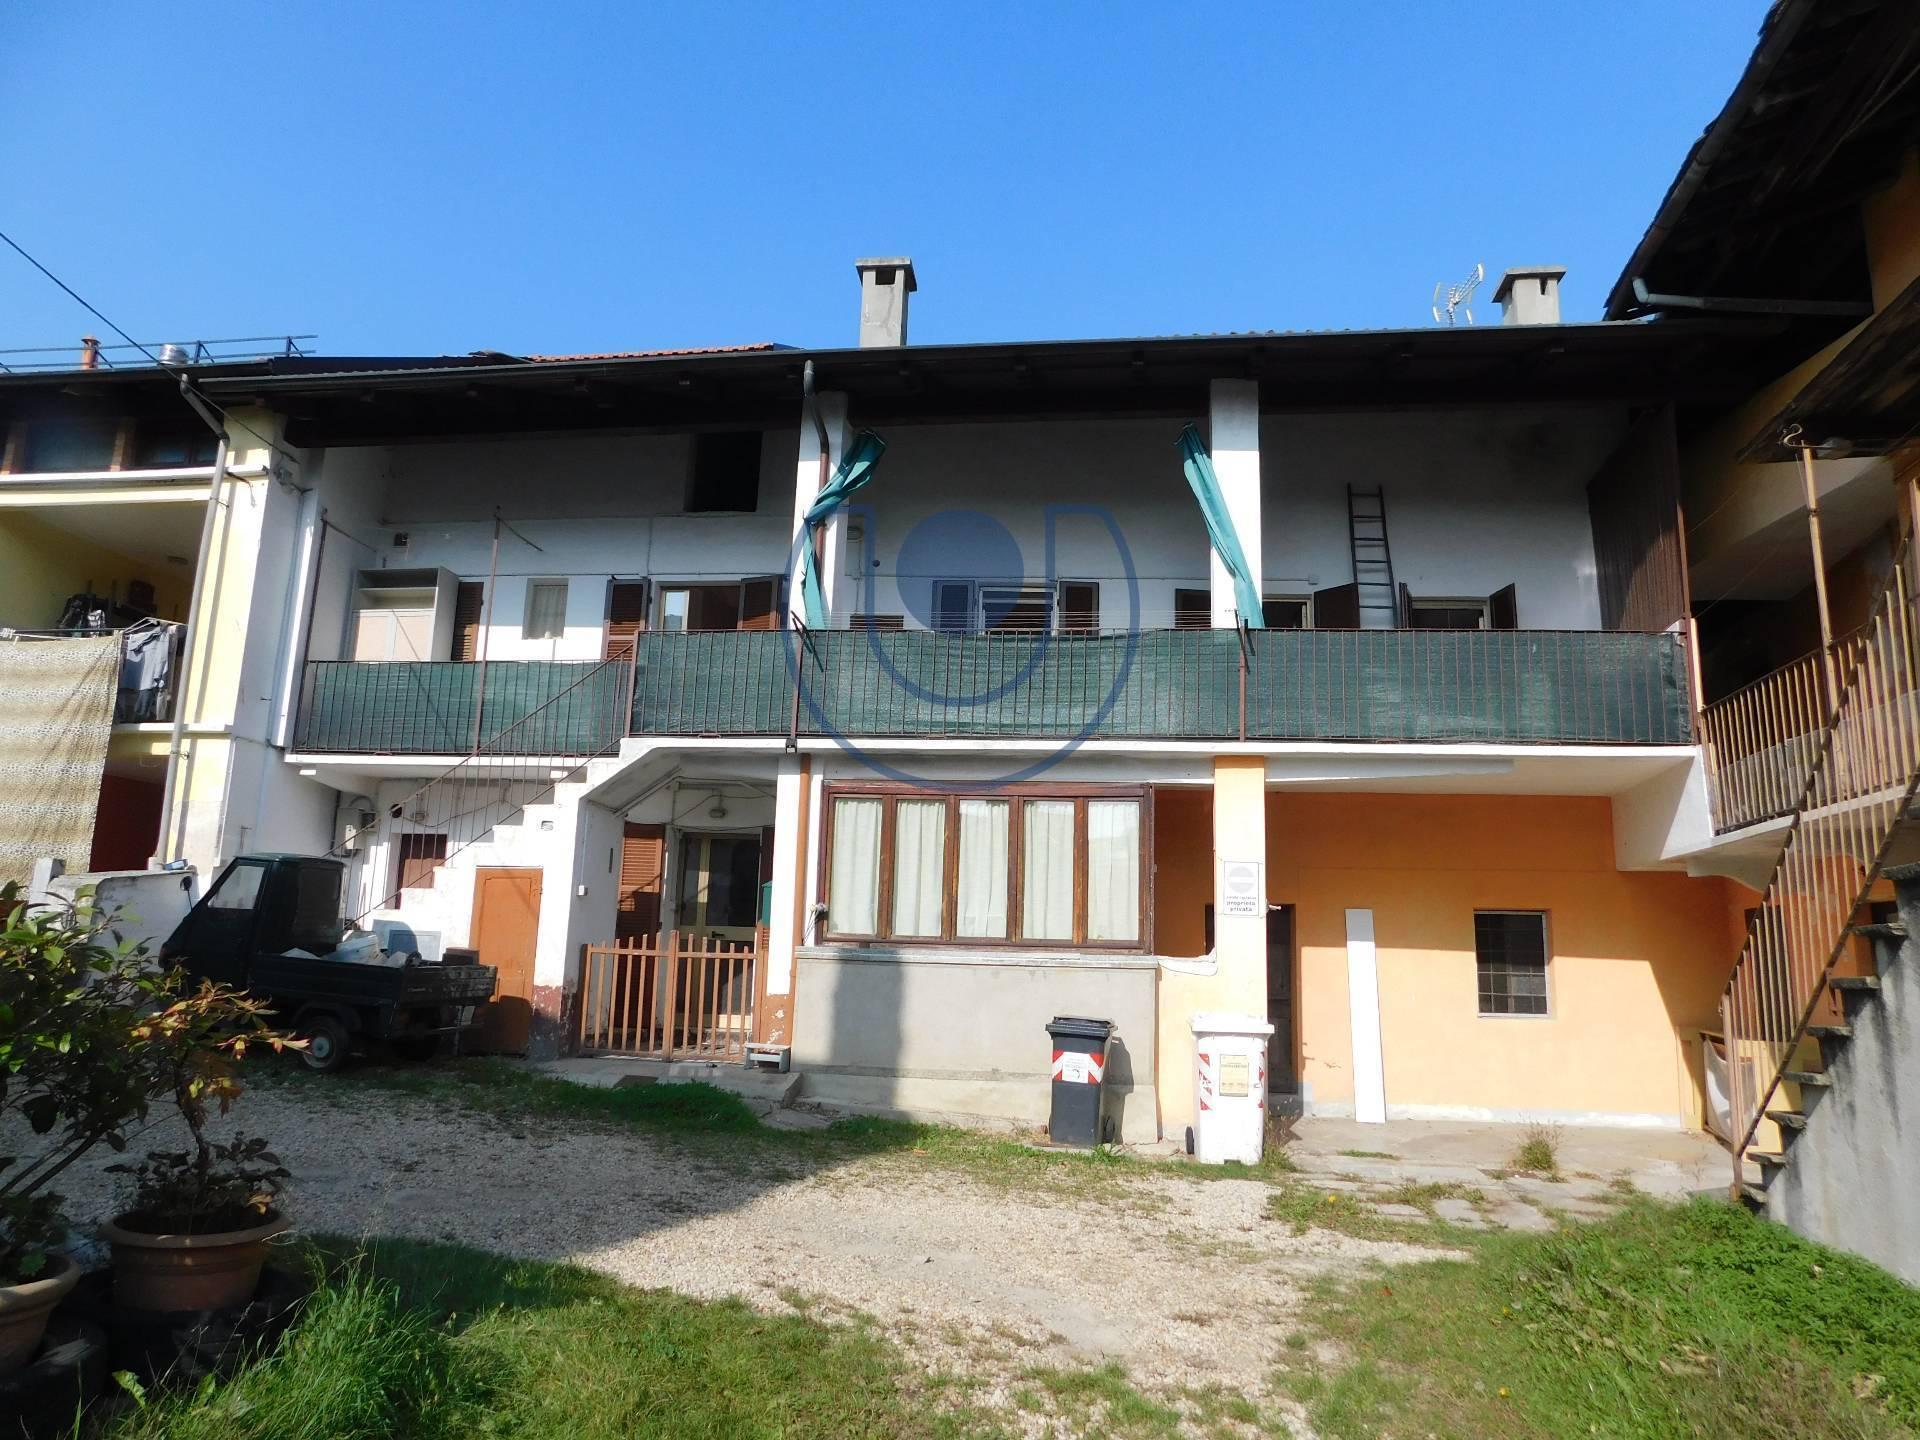 Appartamento in vendita a Giaveno, 9 locali, zona Località: B.taSelvaggio, prezzo € 79.000 | PortaleAgenzieImmobiliari.it